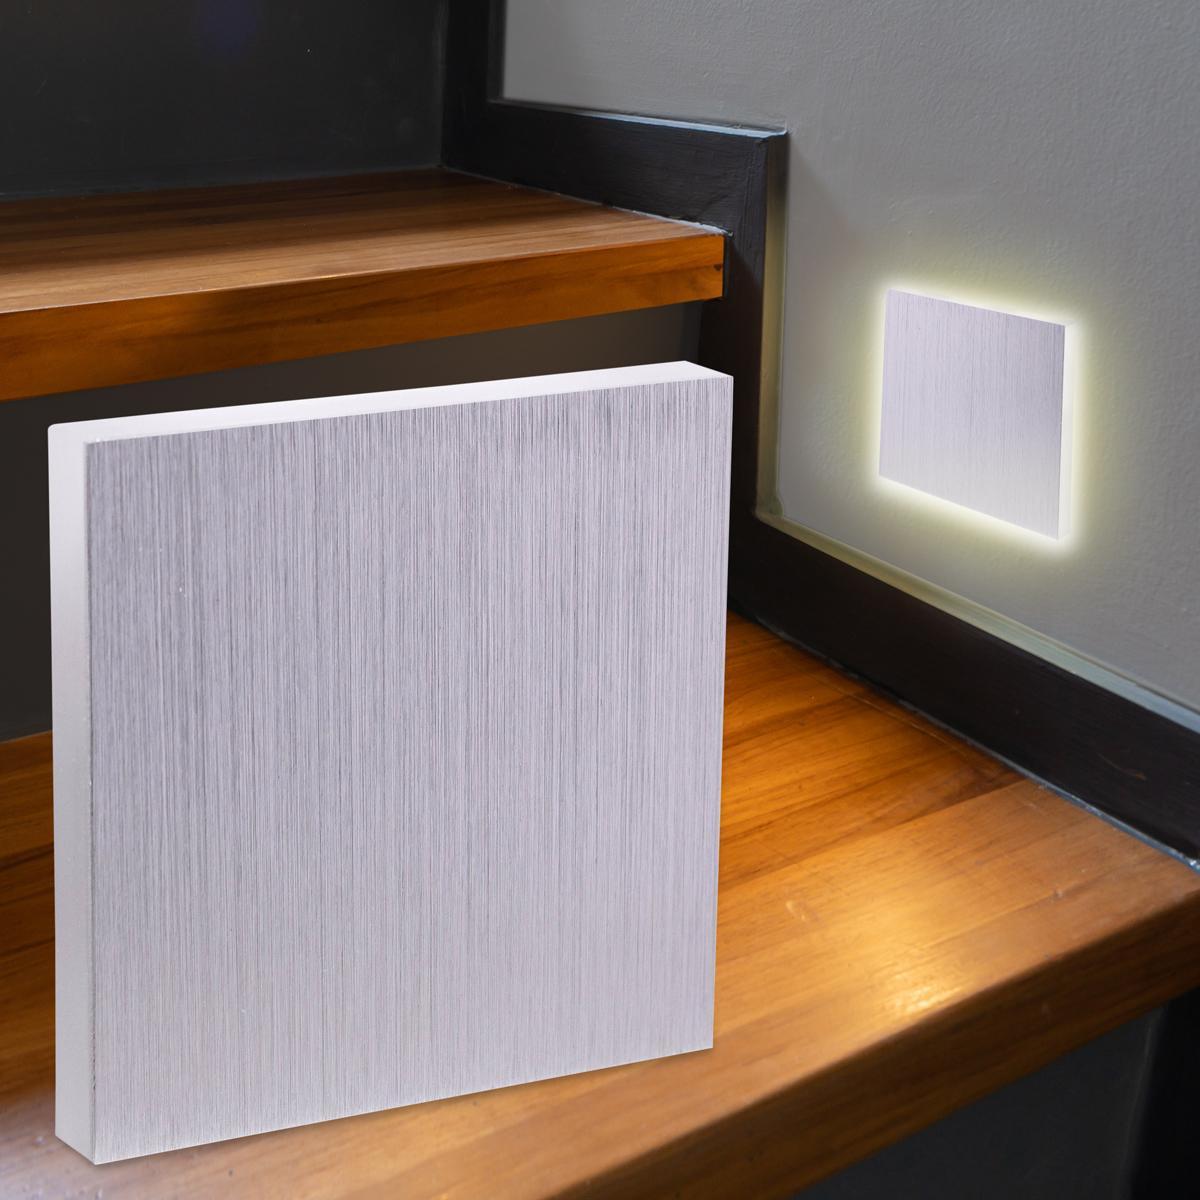 LED Treppenbeleuchtung Wandeinbauleuchte Warmweiß 230V 1.5W Alu-gebürstet Lichtaustritt seitlich